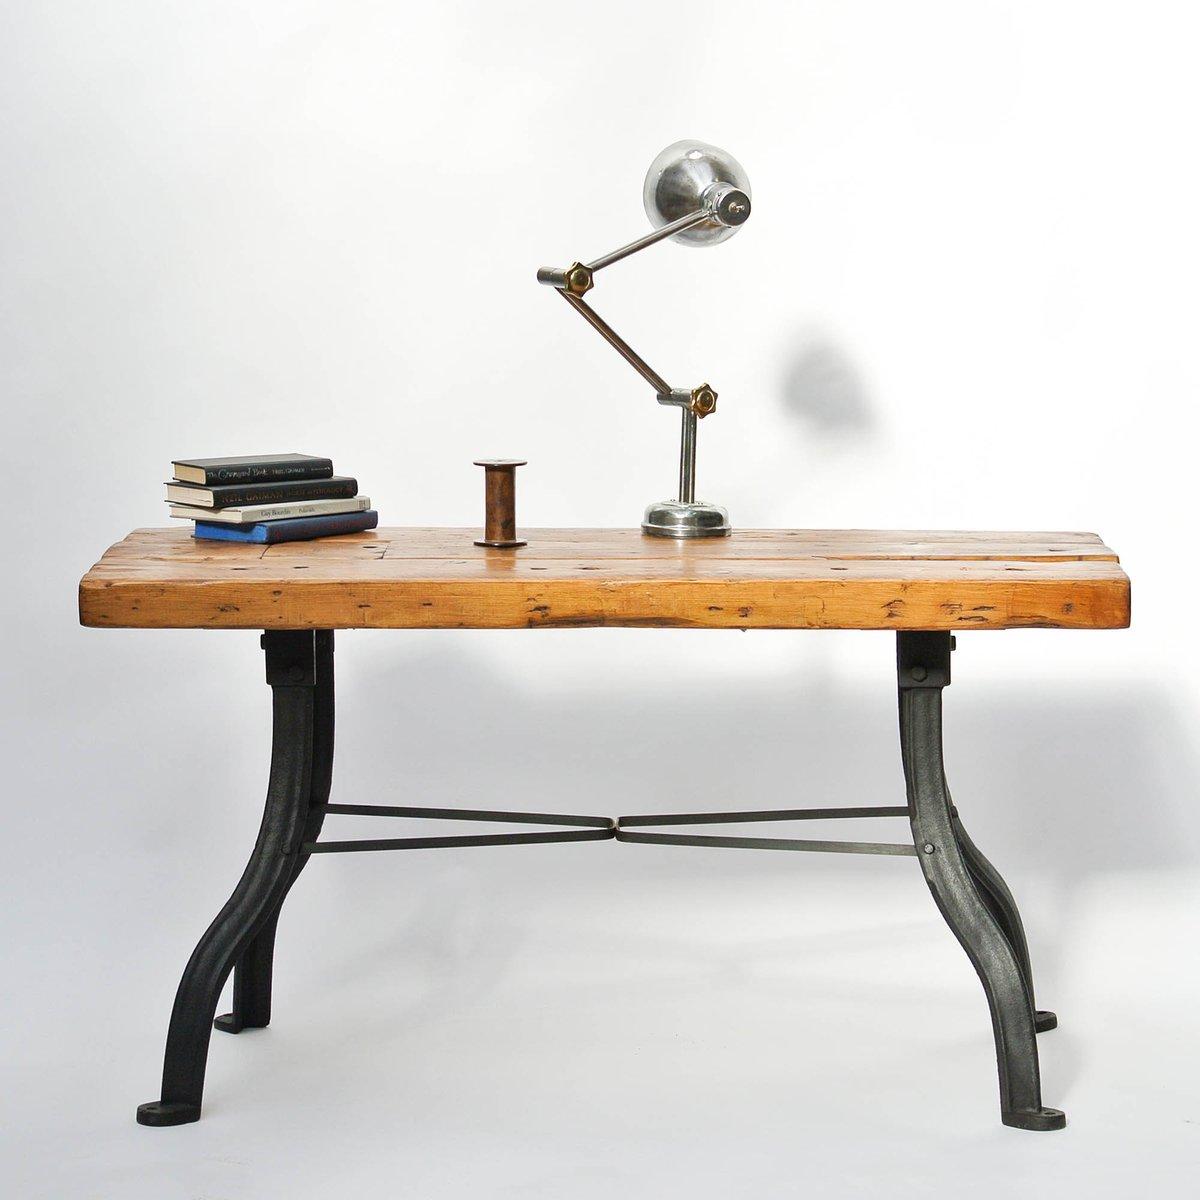 vintage holz werkbank mit beinen aus gusseisen bei pamono kaufen. Black Bedroom Furniture Sets. Home Design Ideas